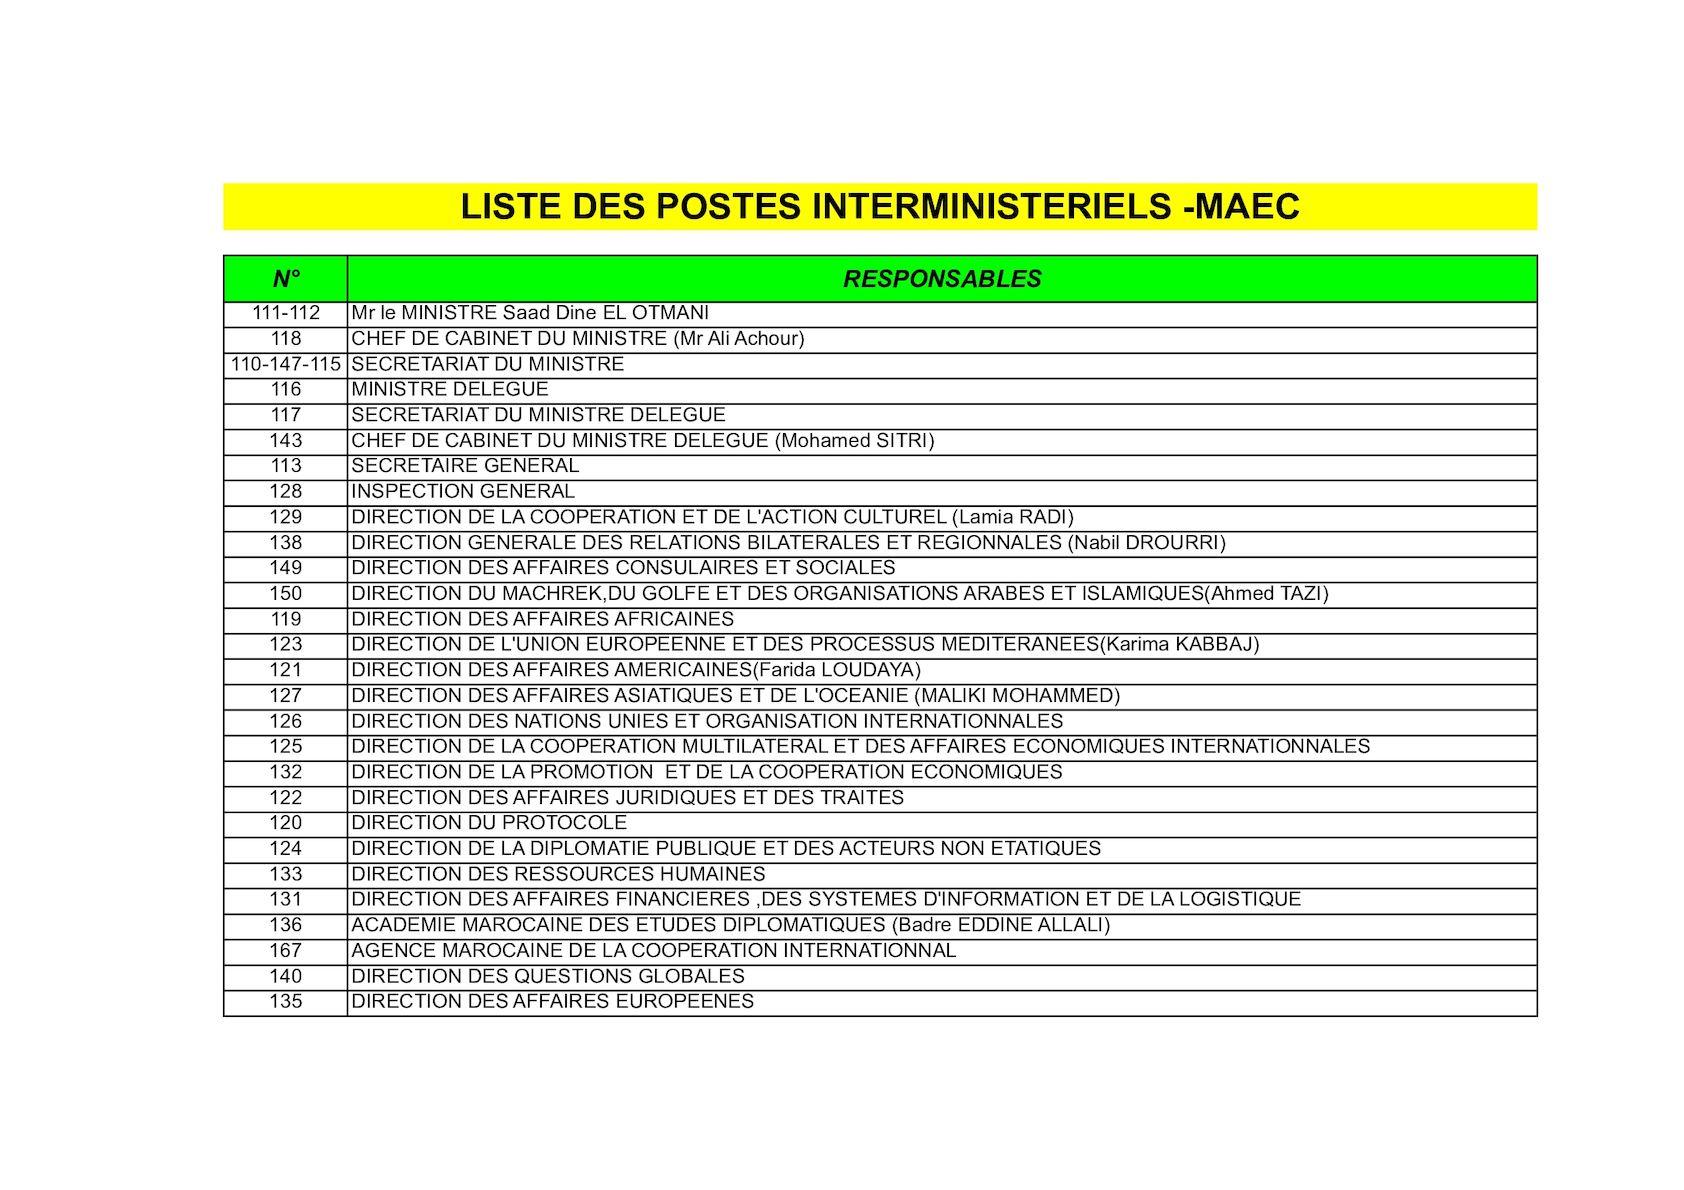 Liste Interministeriel Et Des Directeurs